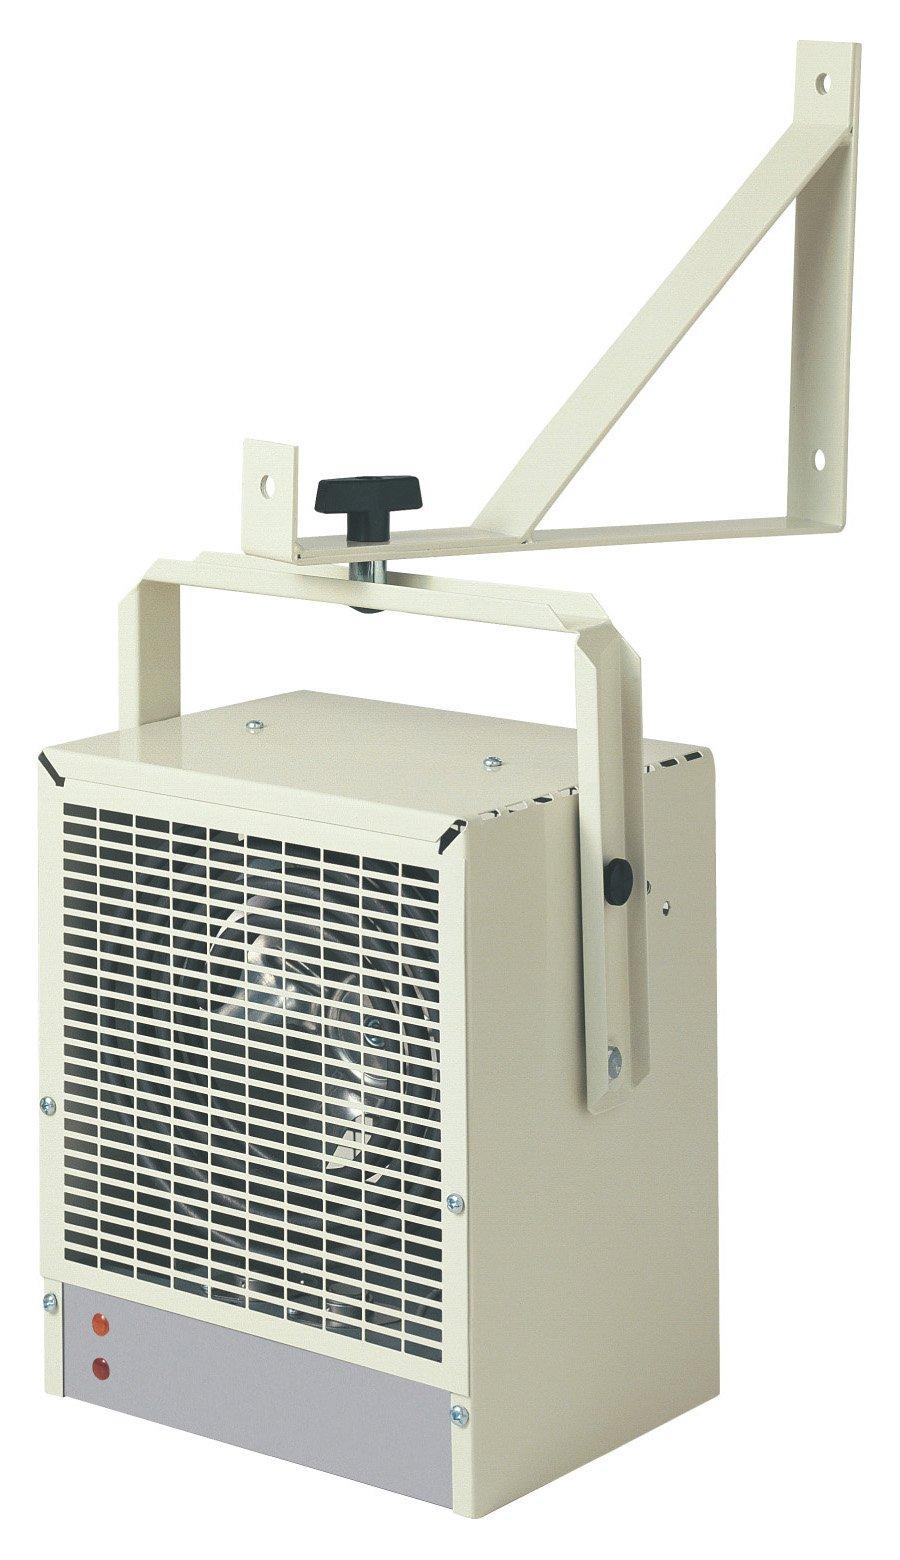 Dimplex DGWH4031 4000-Watt Garage/Workshop Heater by Dimplex